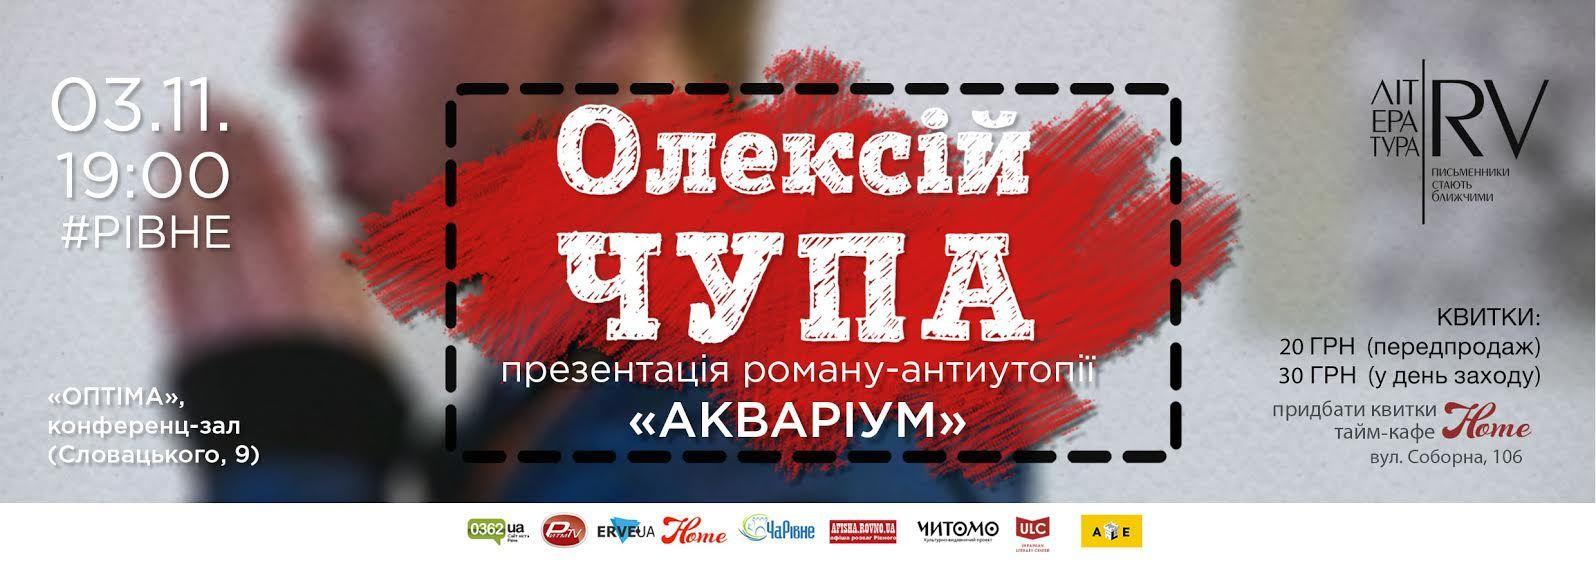 Олексій Чупа, відомий письменник, приїде до Рівного